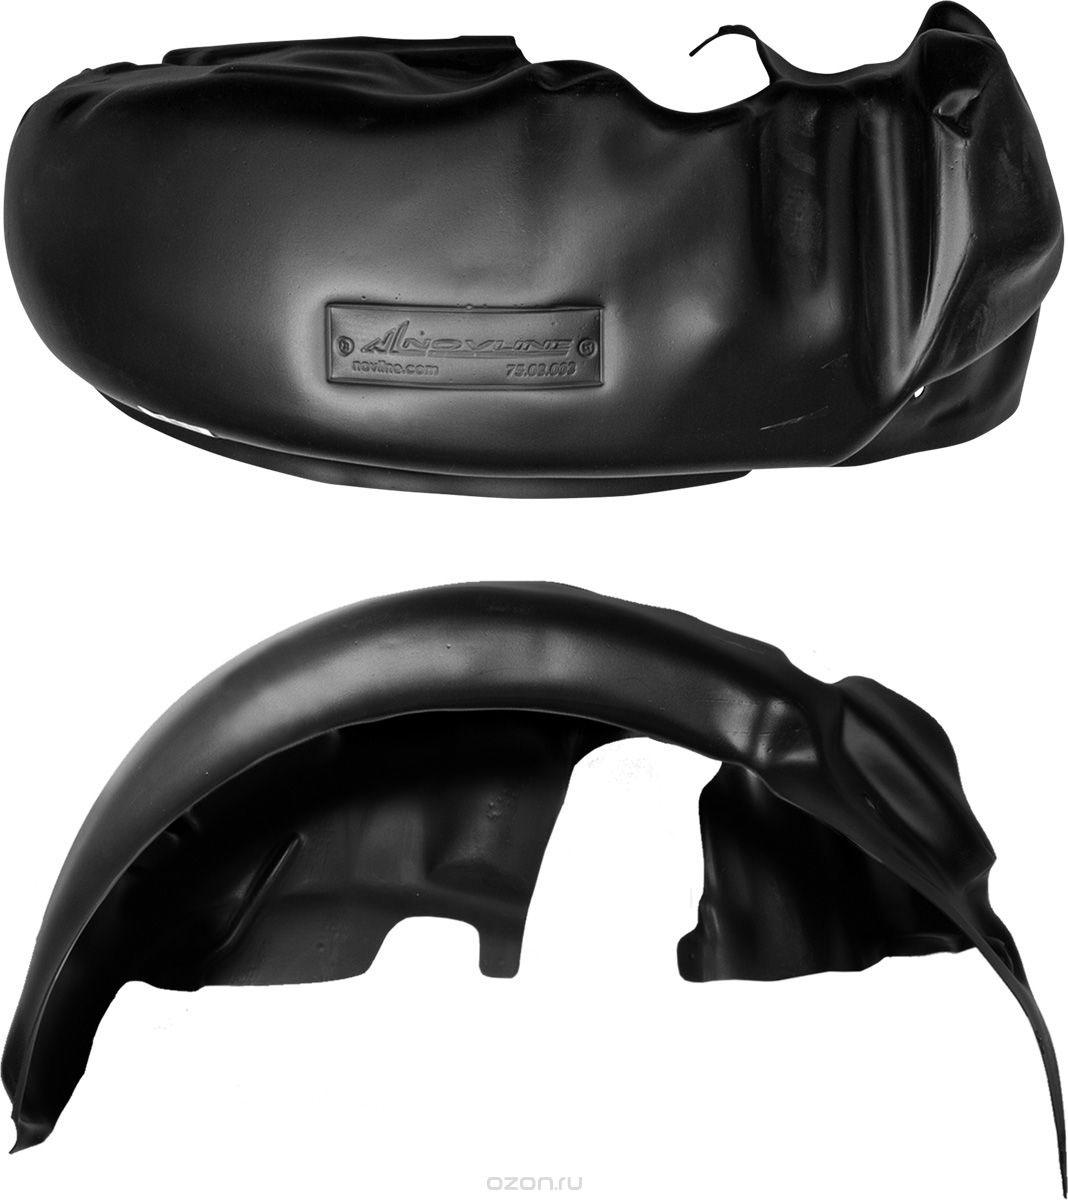 Подкрылок Novline-Autofamily, для FORD Transit, задний привод, двускат., 2014->, задний левый42803004Идеальная защита колесной ниши. Локеры разработаны с применением цифровых технологий, гарантируют максимальную повторяемость поверхности арки. Изделия устанавливаются без нарушения лакокрасочного покрытия автомобиля, каждый подкрылок комплектуется крепежом. Уважаемые клиенты, обращаем ваше внимание, что фотографии на подкрылки универсальные и не отражают реальную форму изделия. При этом само изделие идет точно под размер указанного автомобиля.